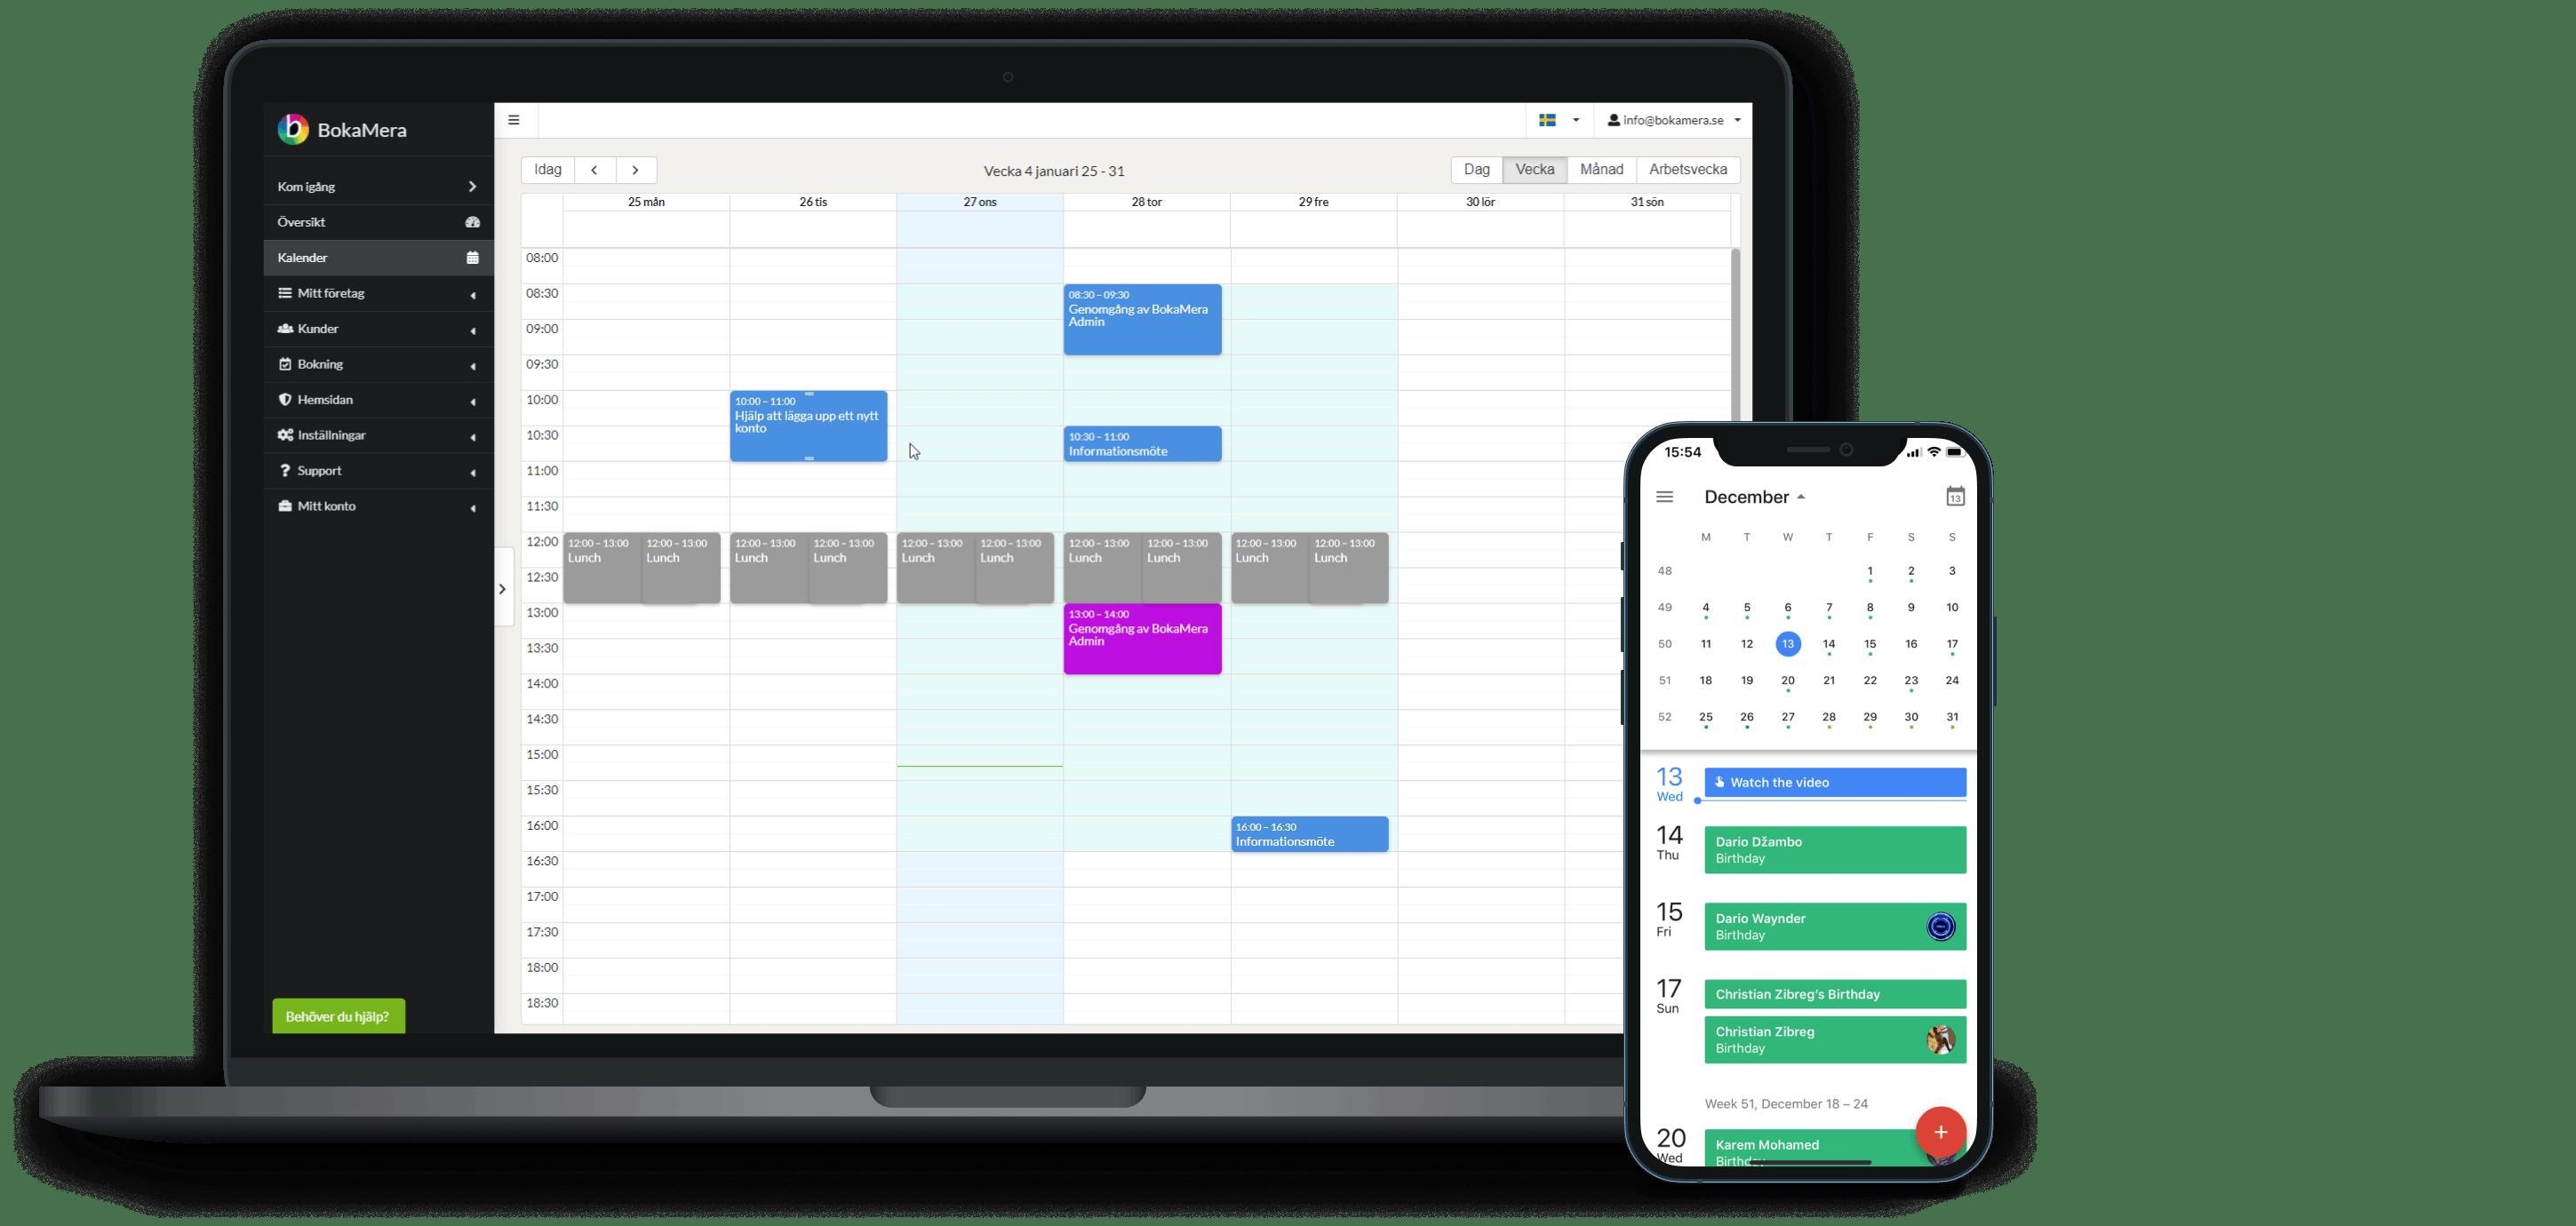 Synkronisera din vanliga kalender med BokaMeras bokningskalender